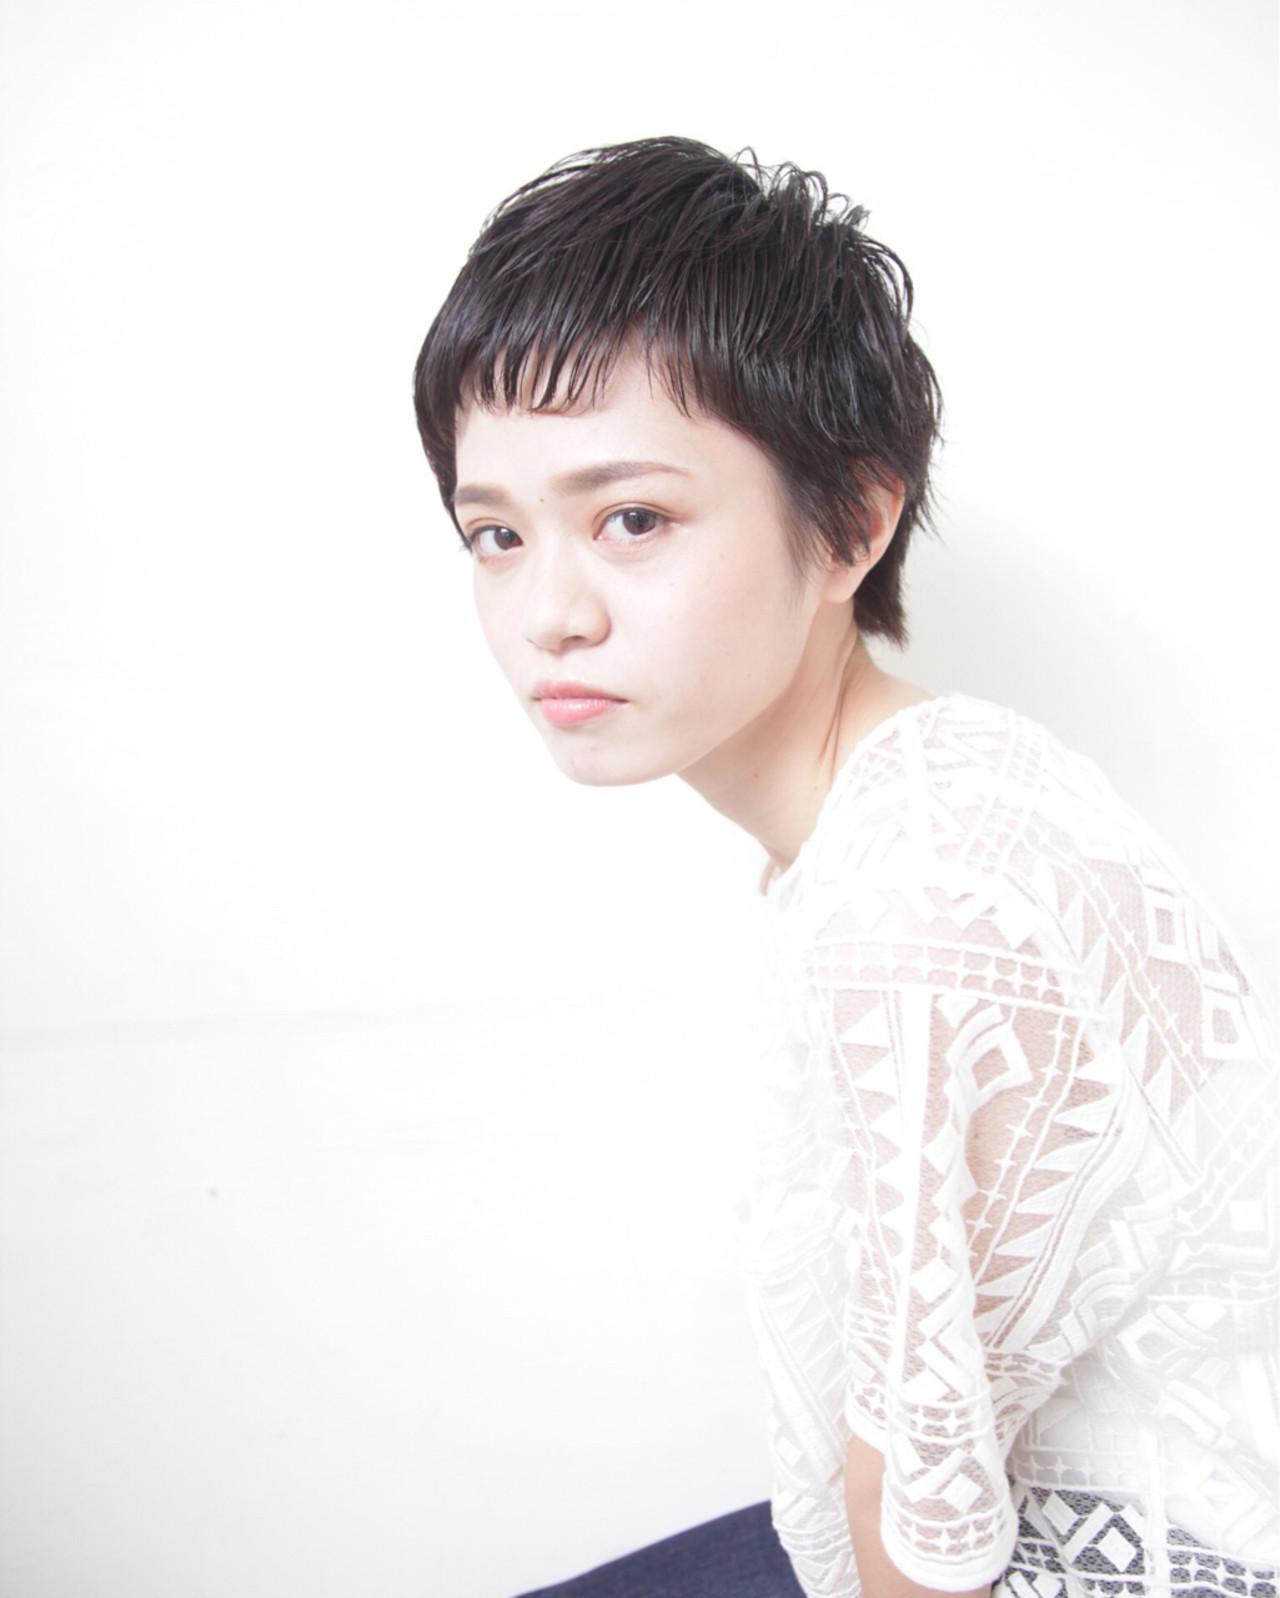 """ただの黒髮じゃない""""アッシュブラック""""にうっとり♡。ブリーチなしでもOK 津村正和/Baco./大阪"""